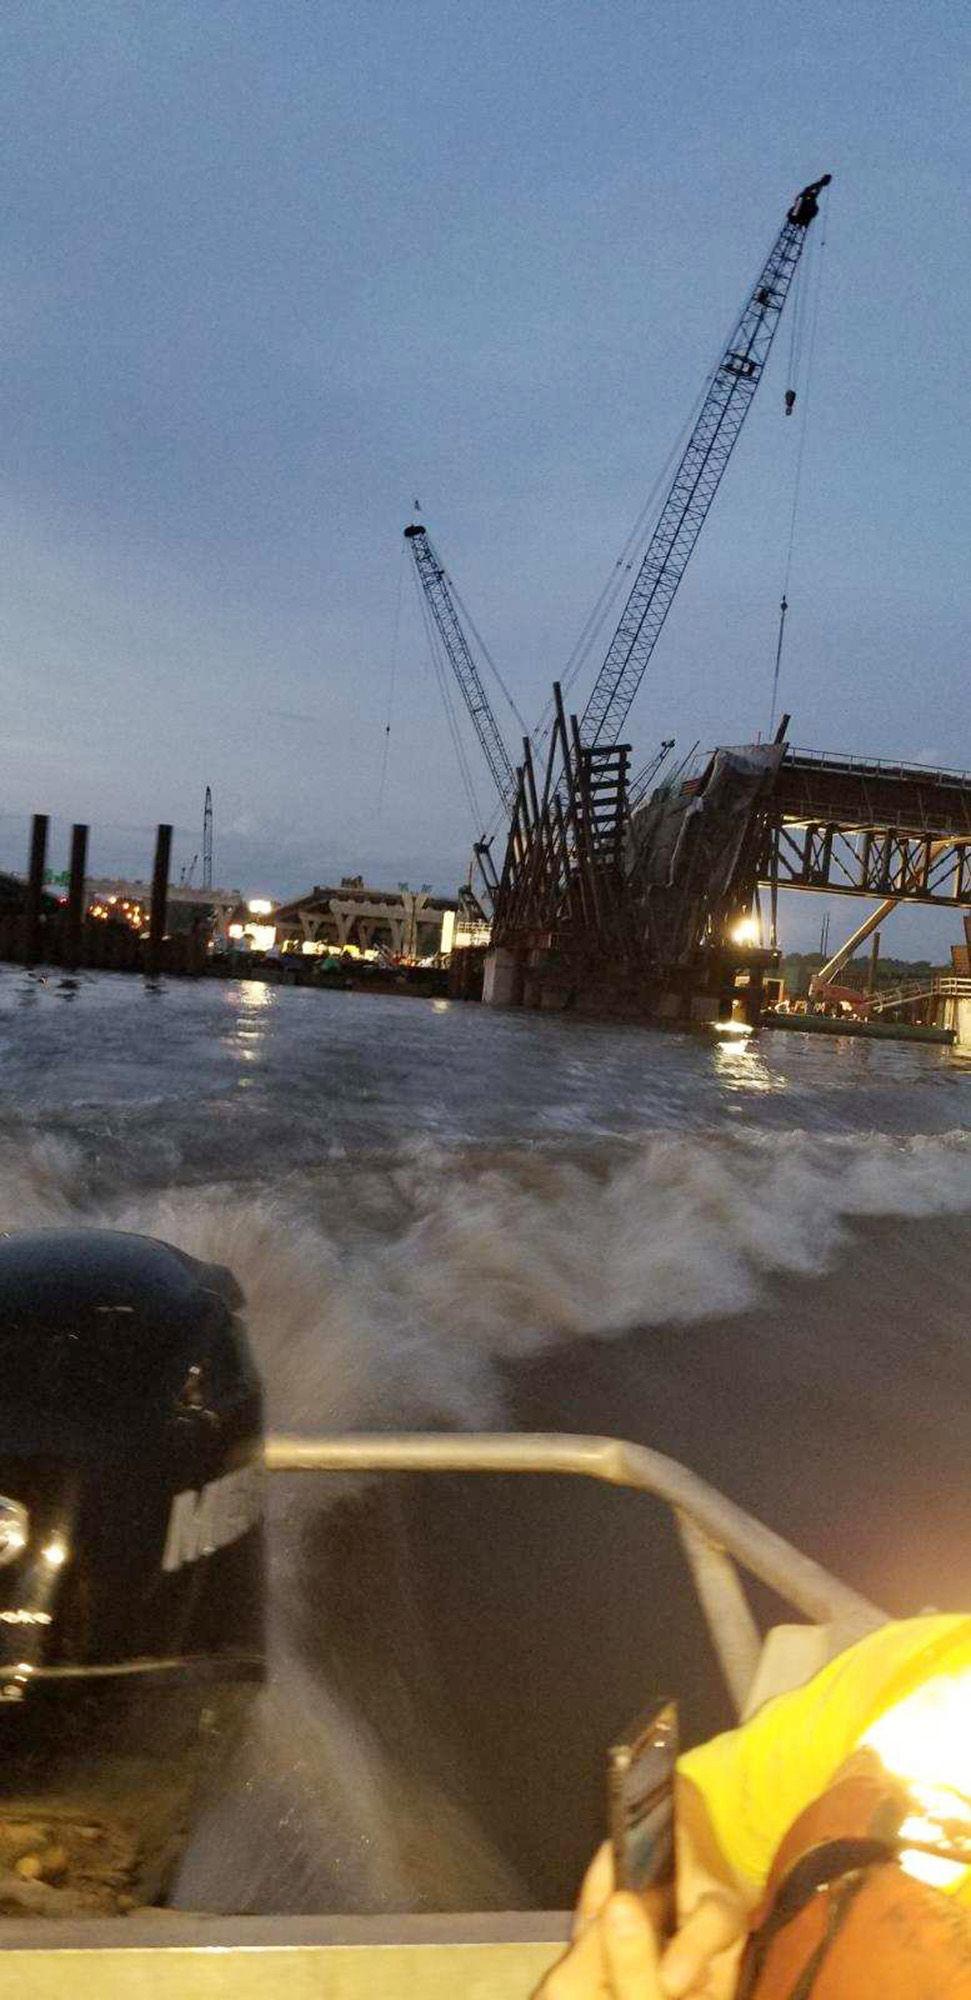 020119-qct-big-story-bridge-015